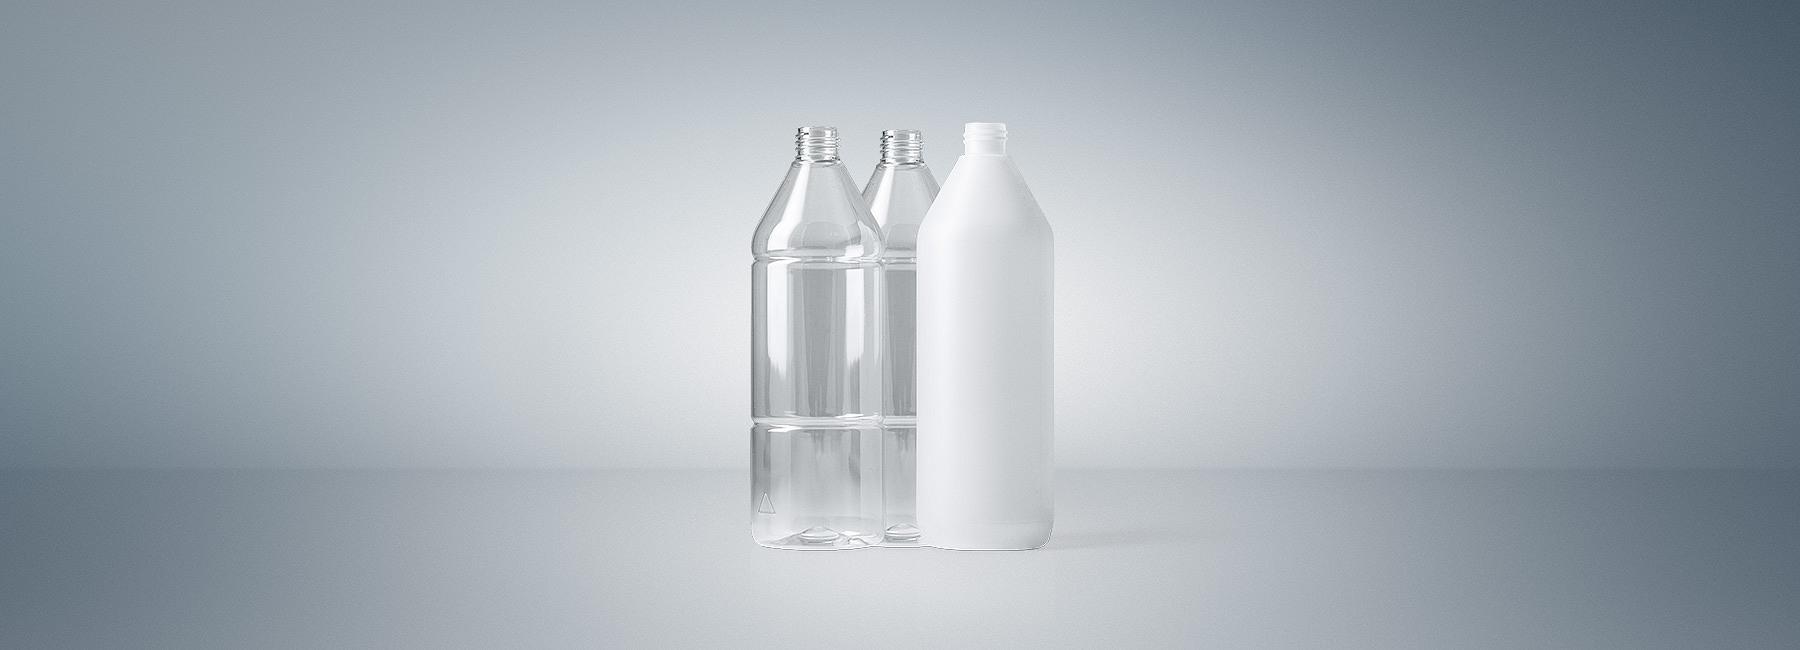 Produkt transparent